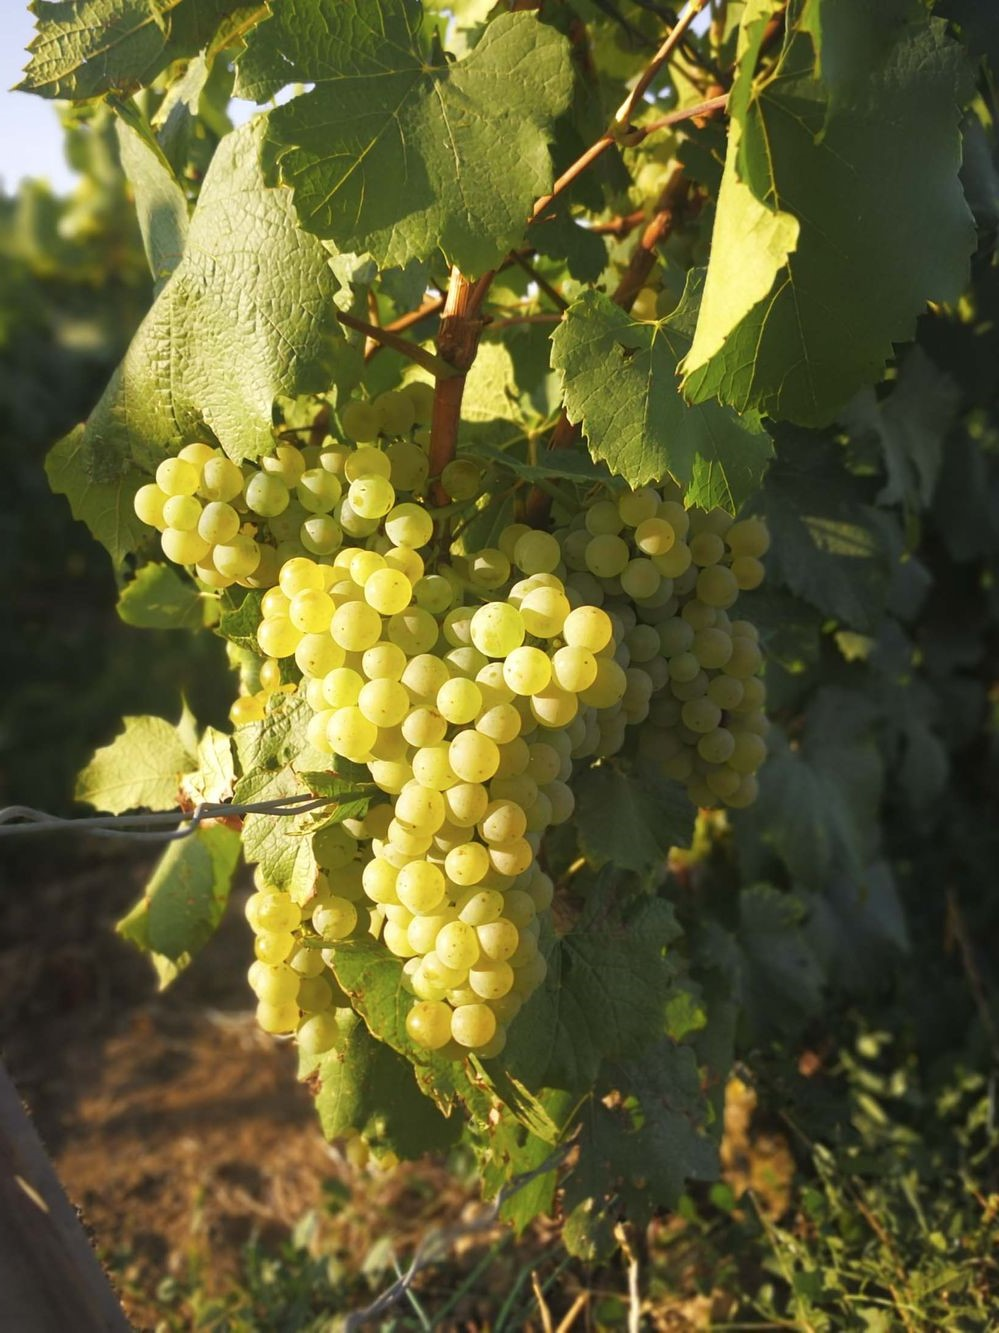 """La """"frénésie"""" de trois mois peut sembler décourageante, mais depuis que les Romains ont commencé à produire du vin au 6ème siècle, la France a beaucoup appris sur la façon de bien faire les choses."""